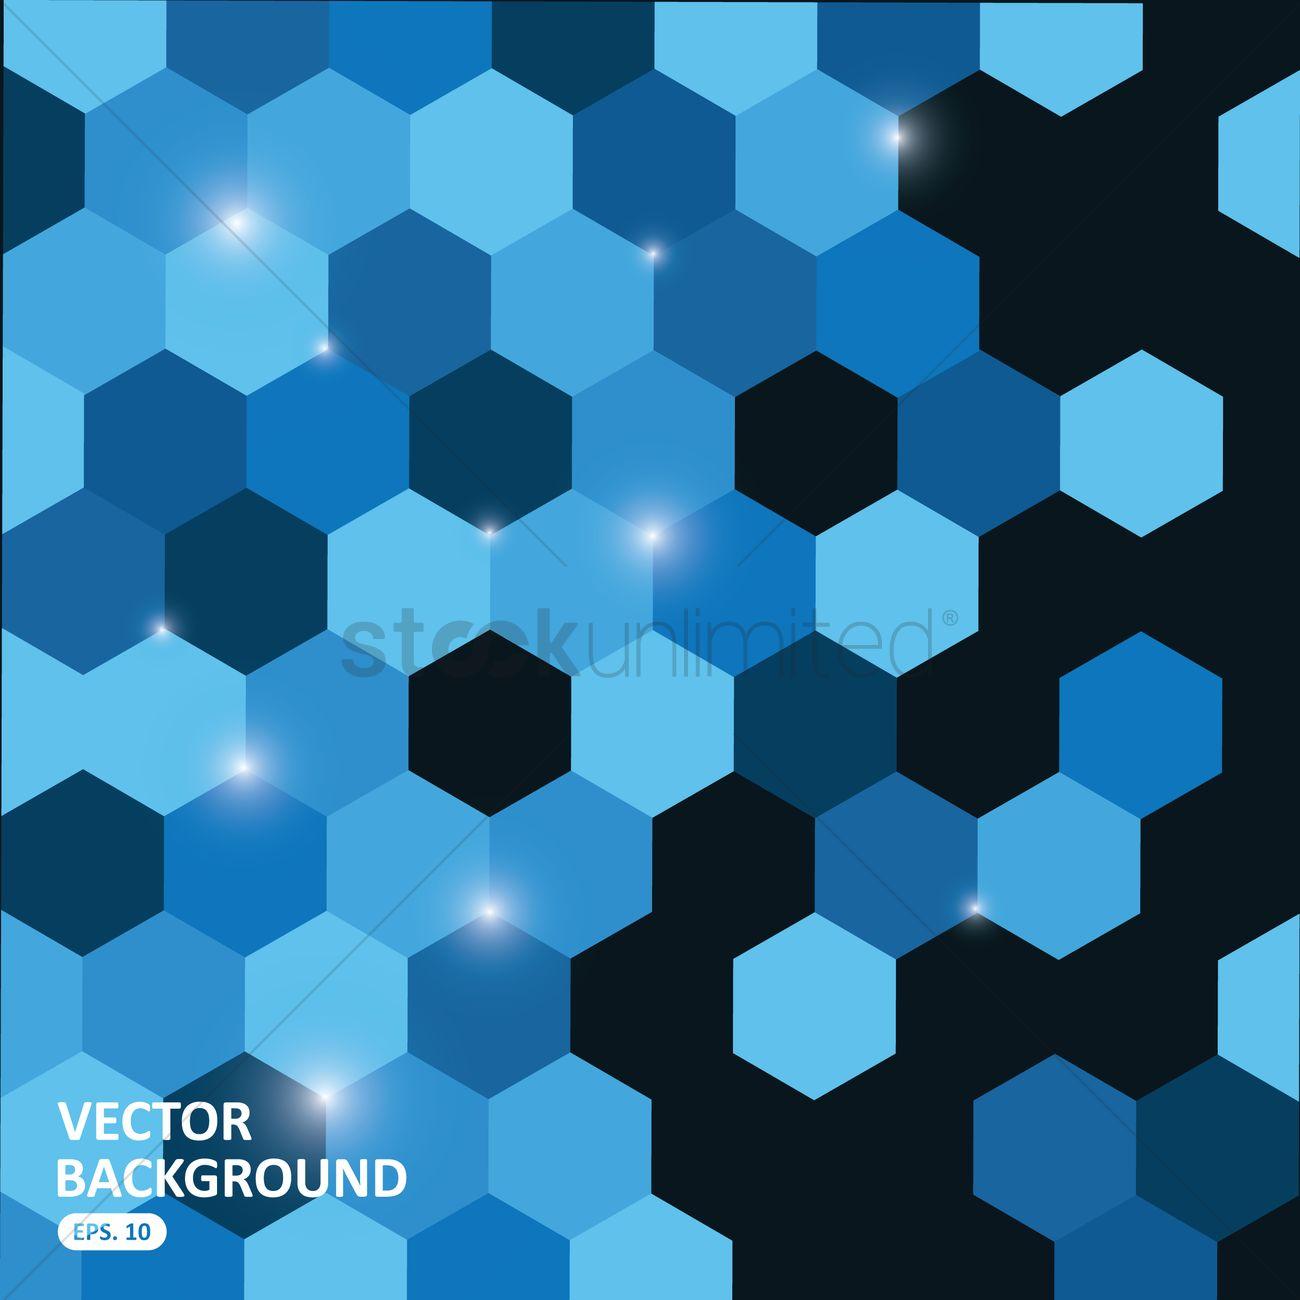 blue hexagonal pattern vector - photo #33